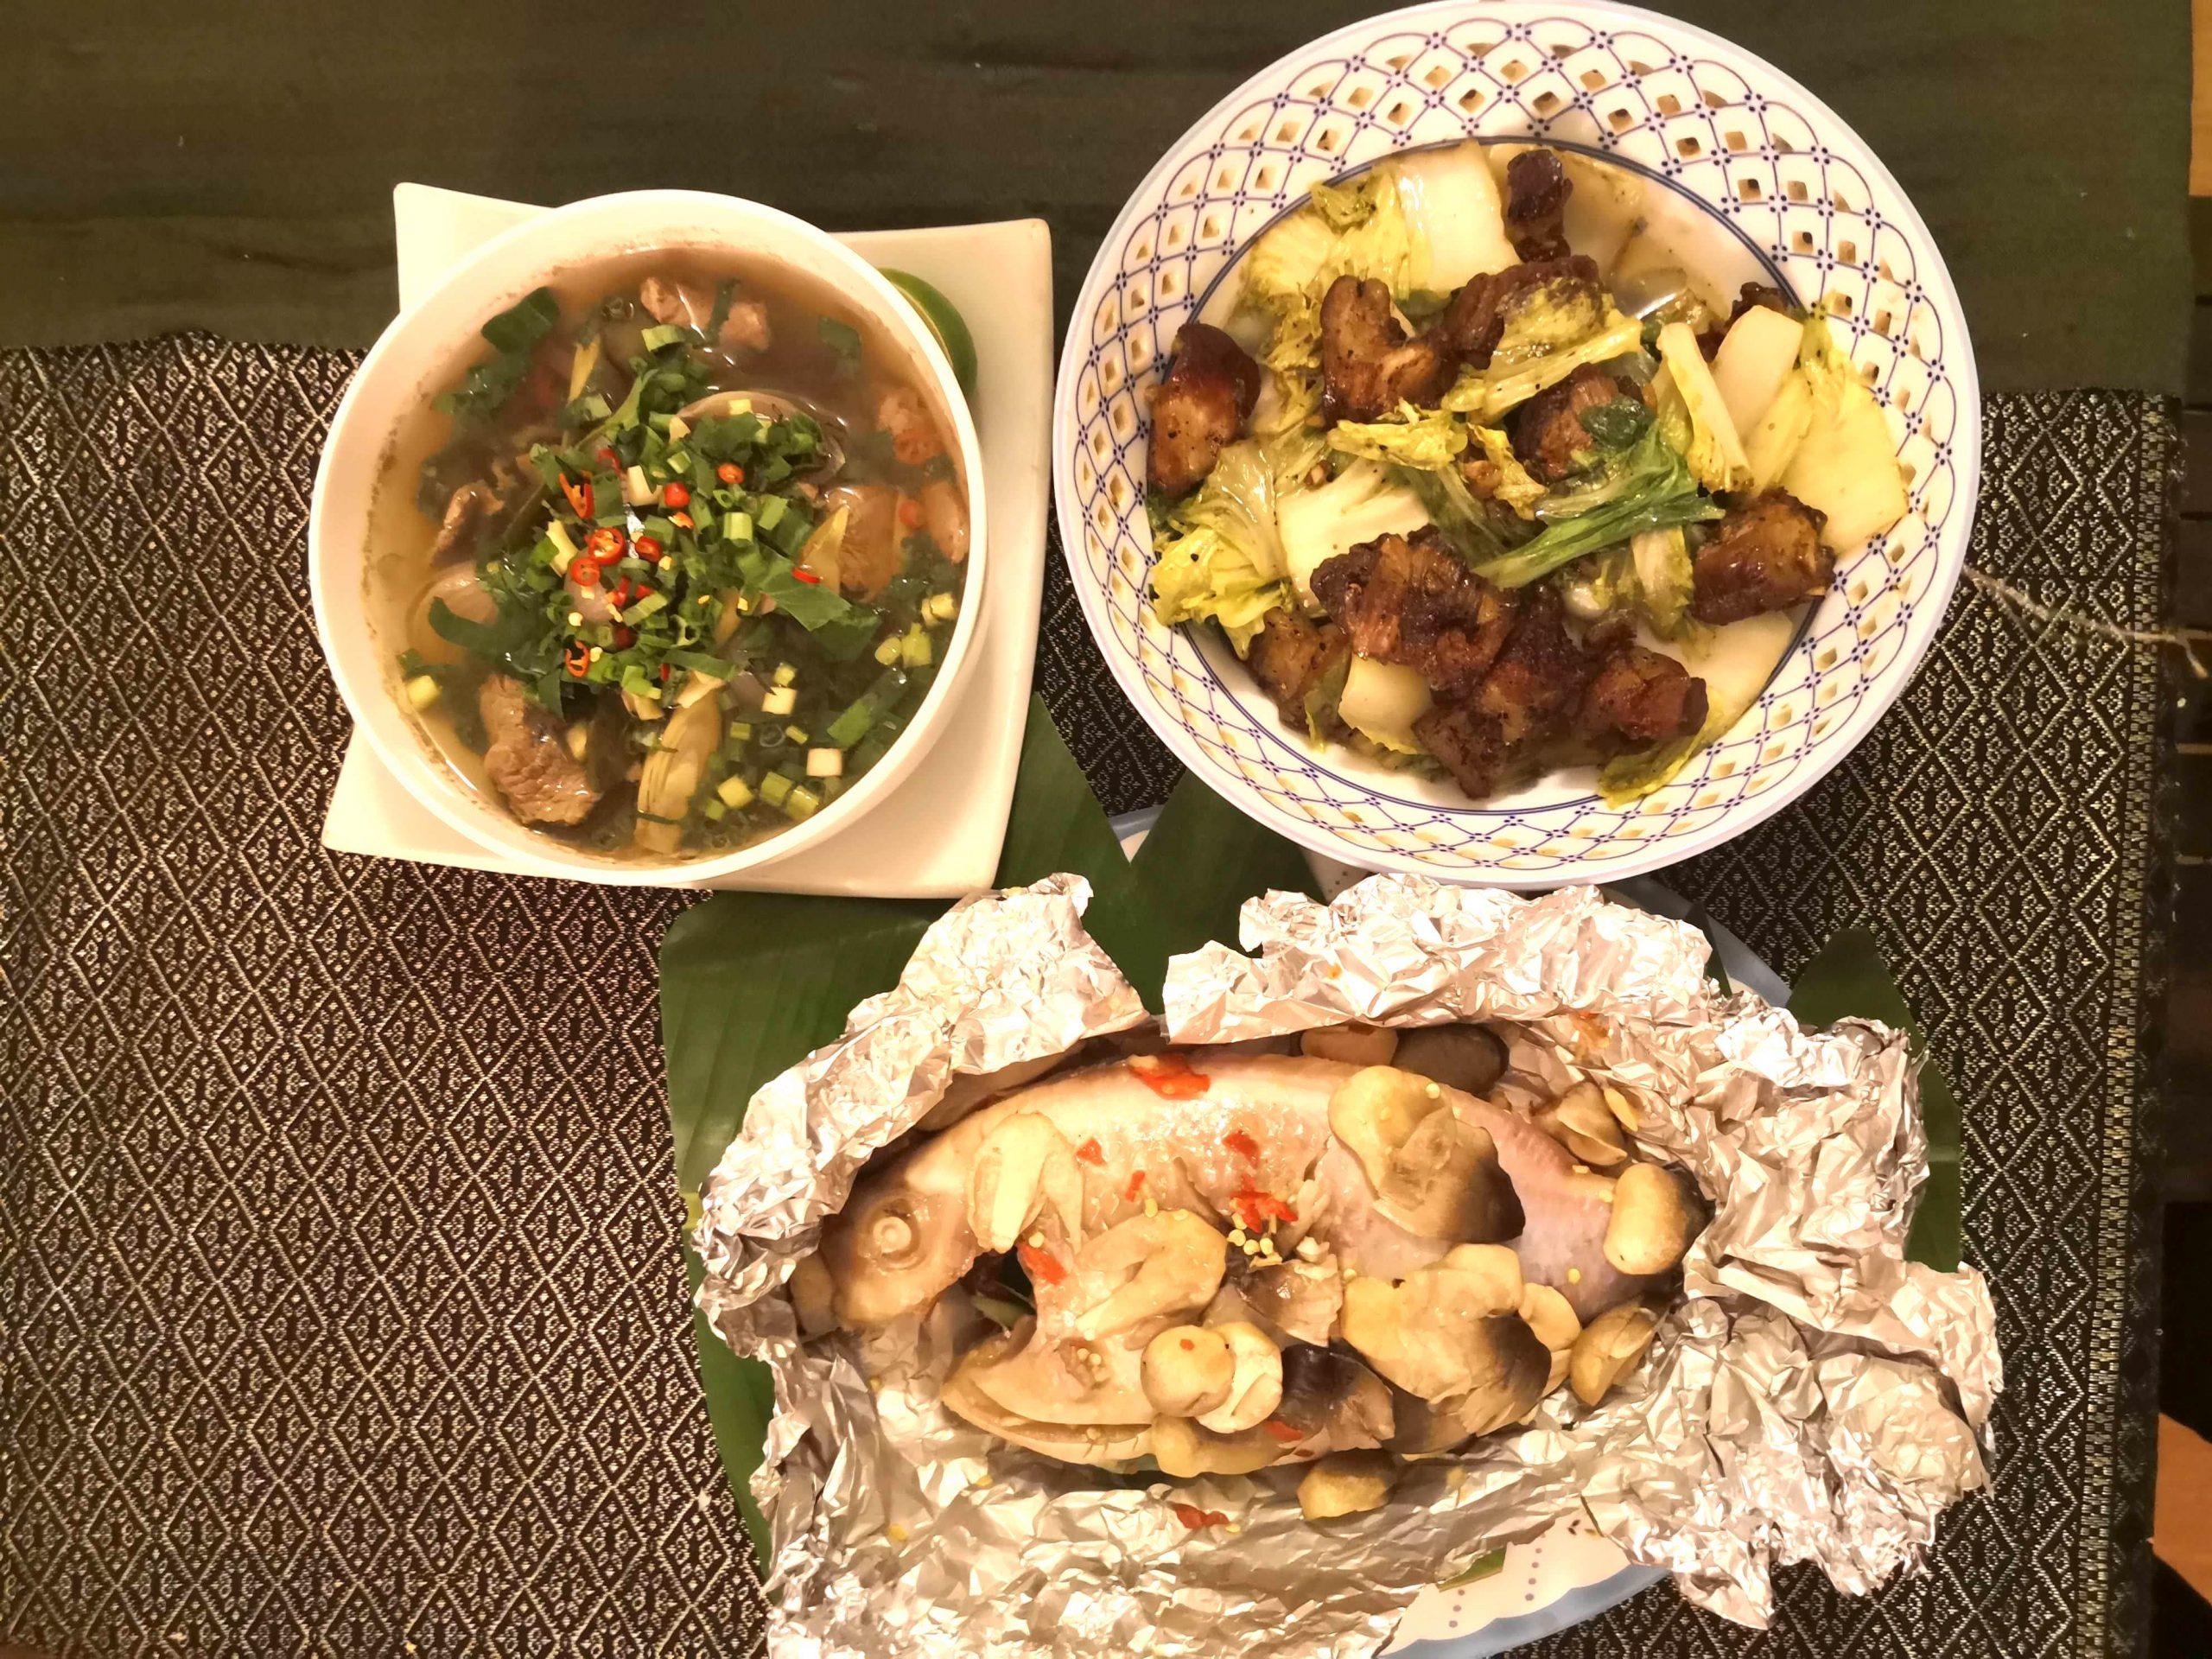 Enjoy three Khmer dishes